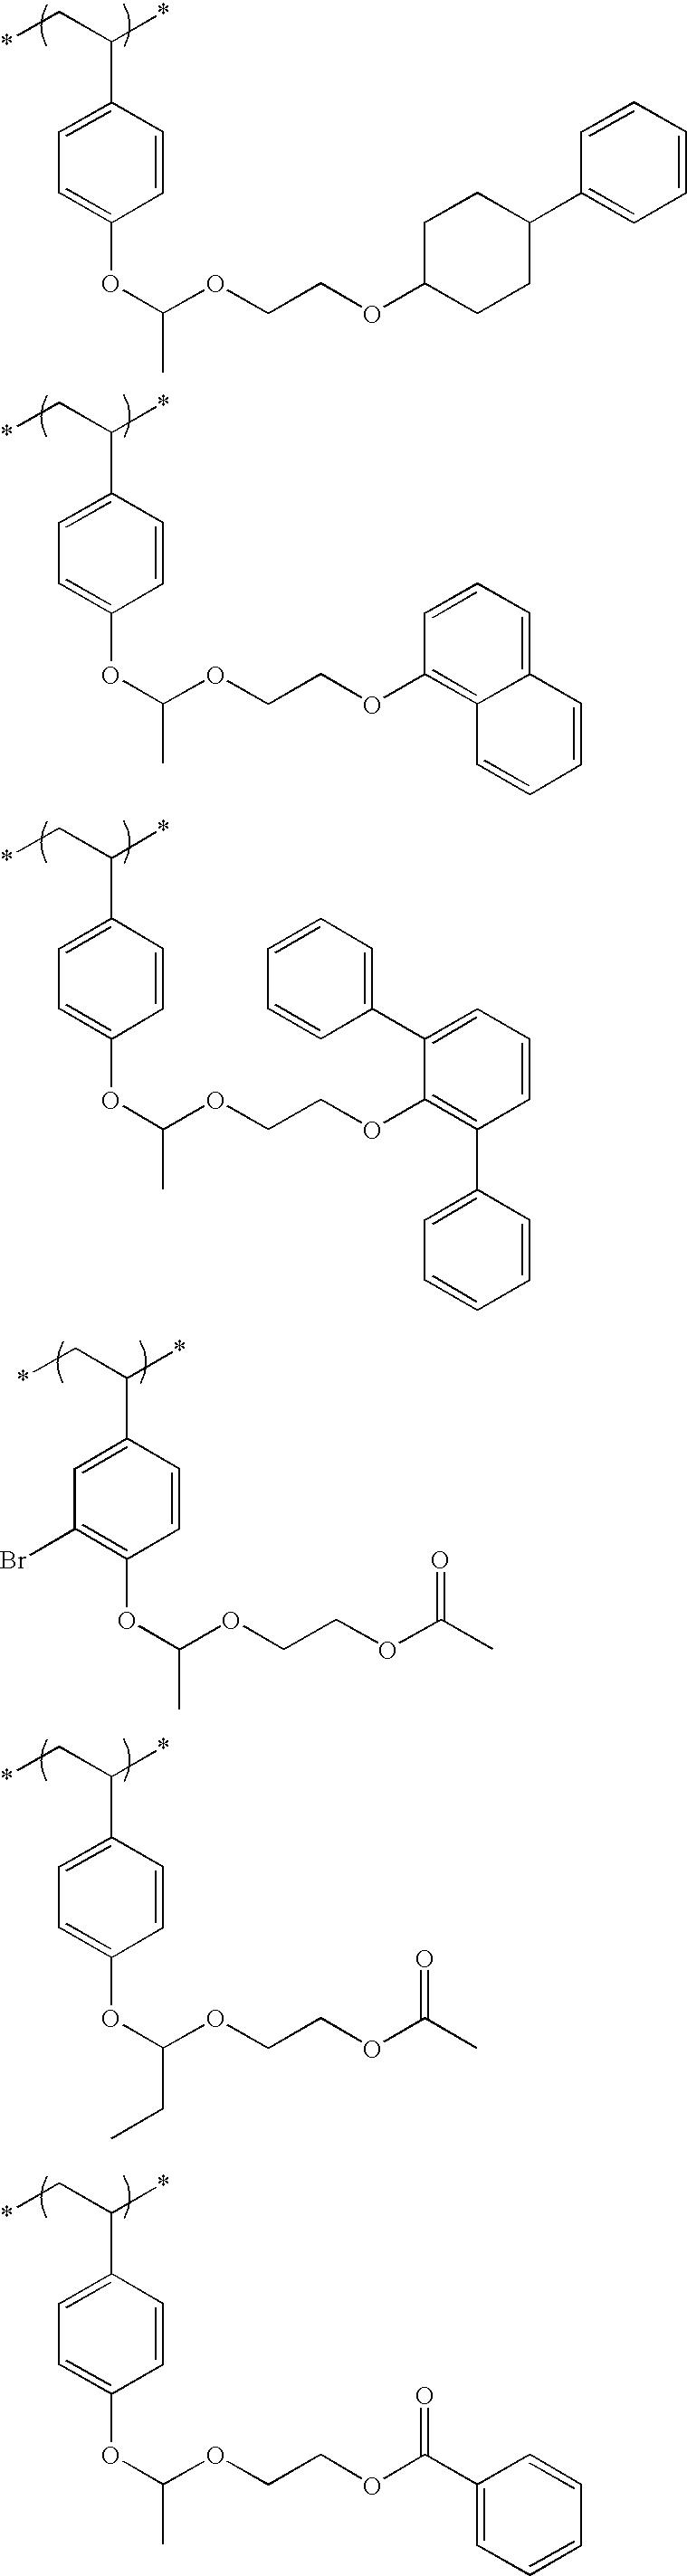 Figure US20100183975A1-20100722-C00090